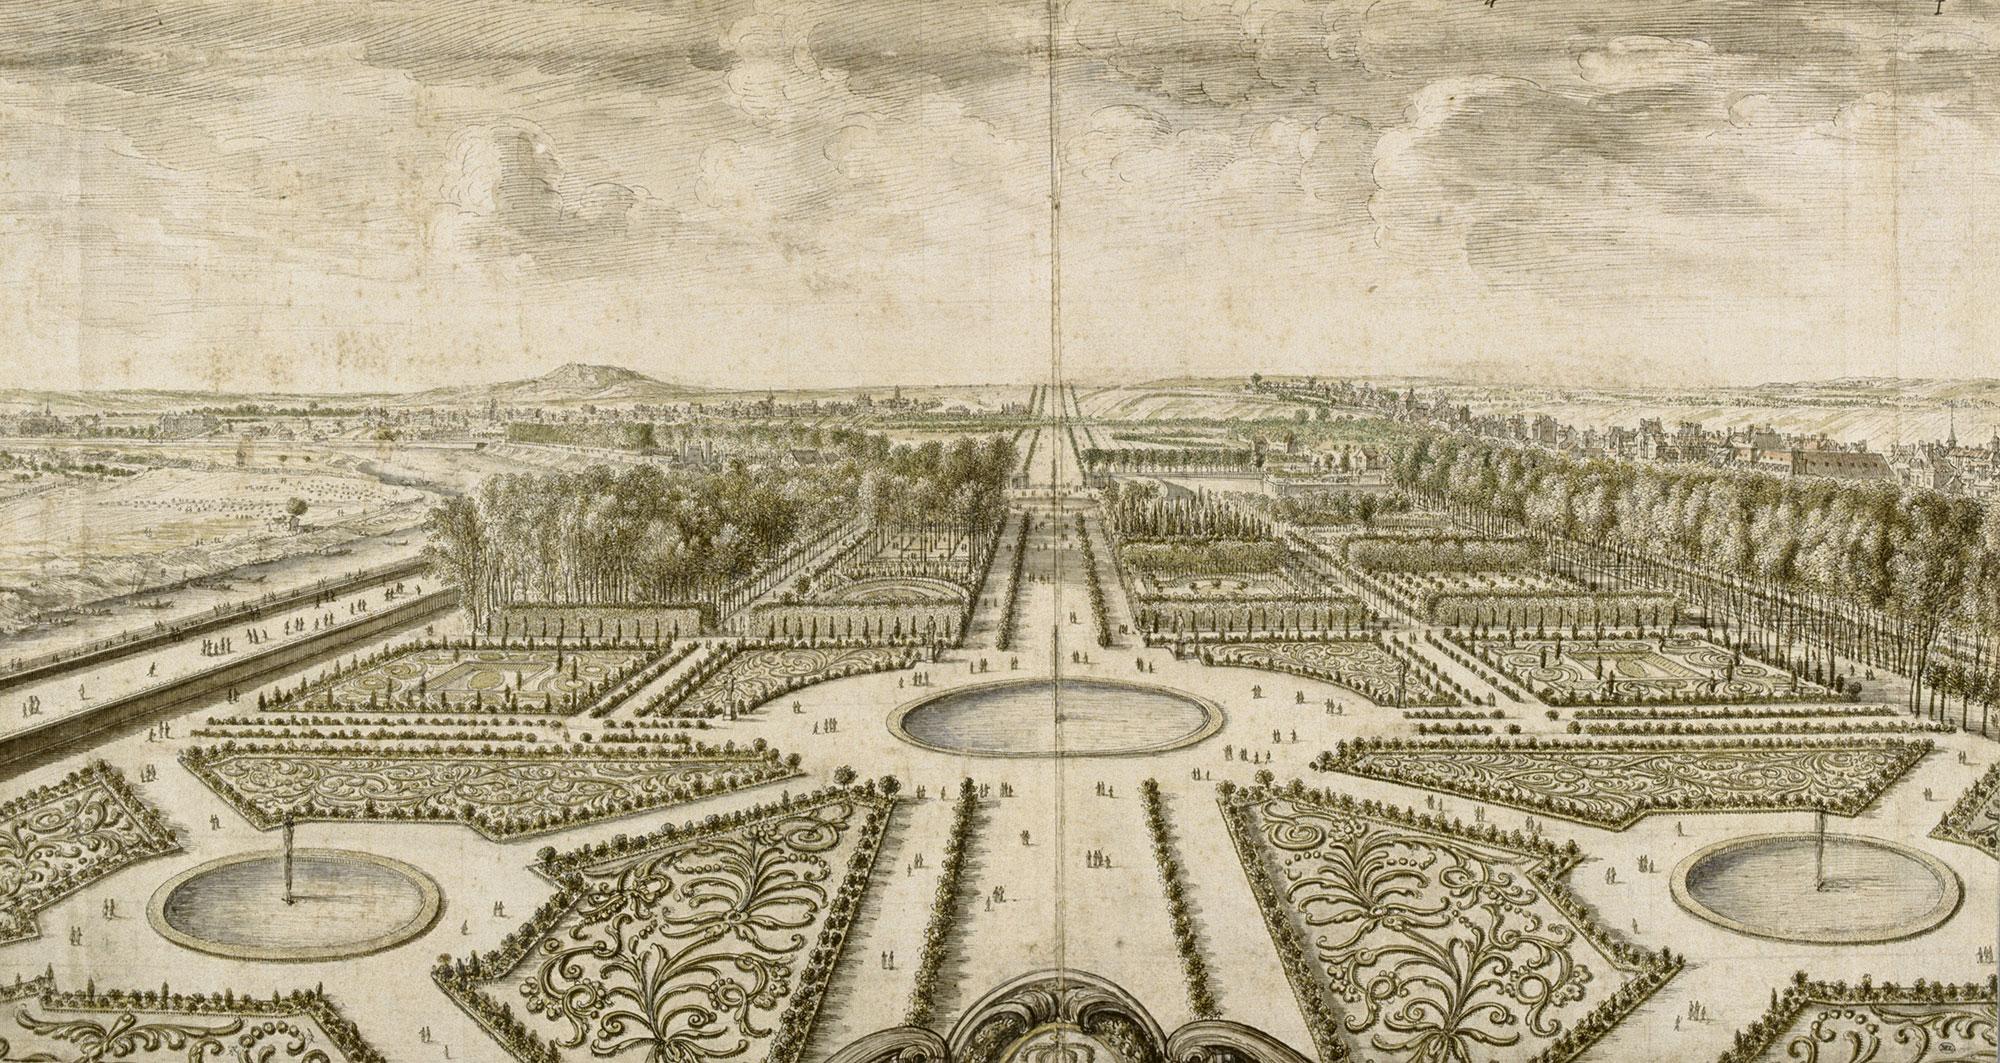 Andr le n tre et le jardin des tuileries pr sentation for Jardin a la francaise versailles